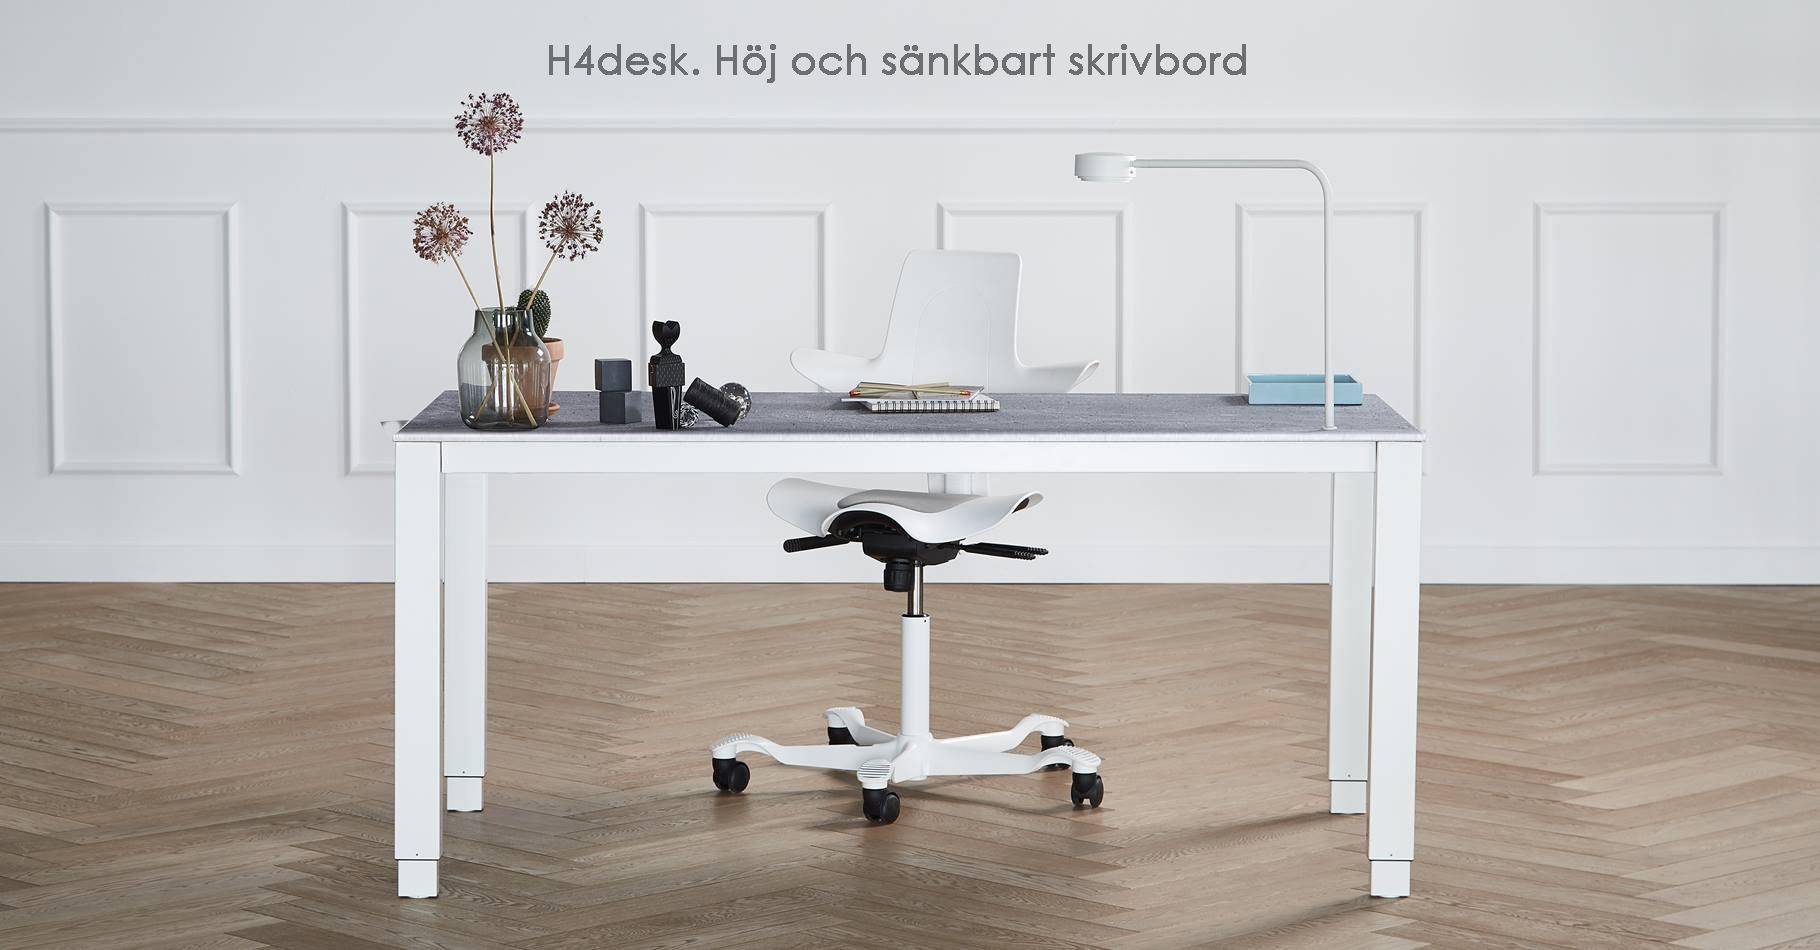 H4desk-vit-dansk-design-skrivbord-hoj-sankbart-danishform